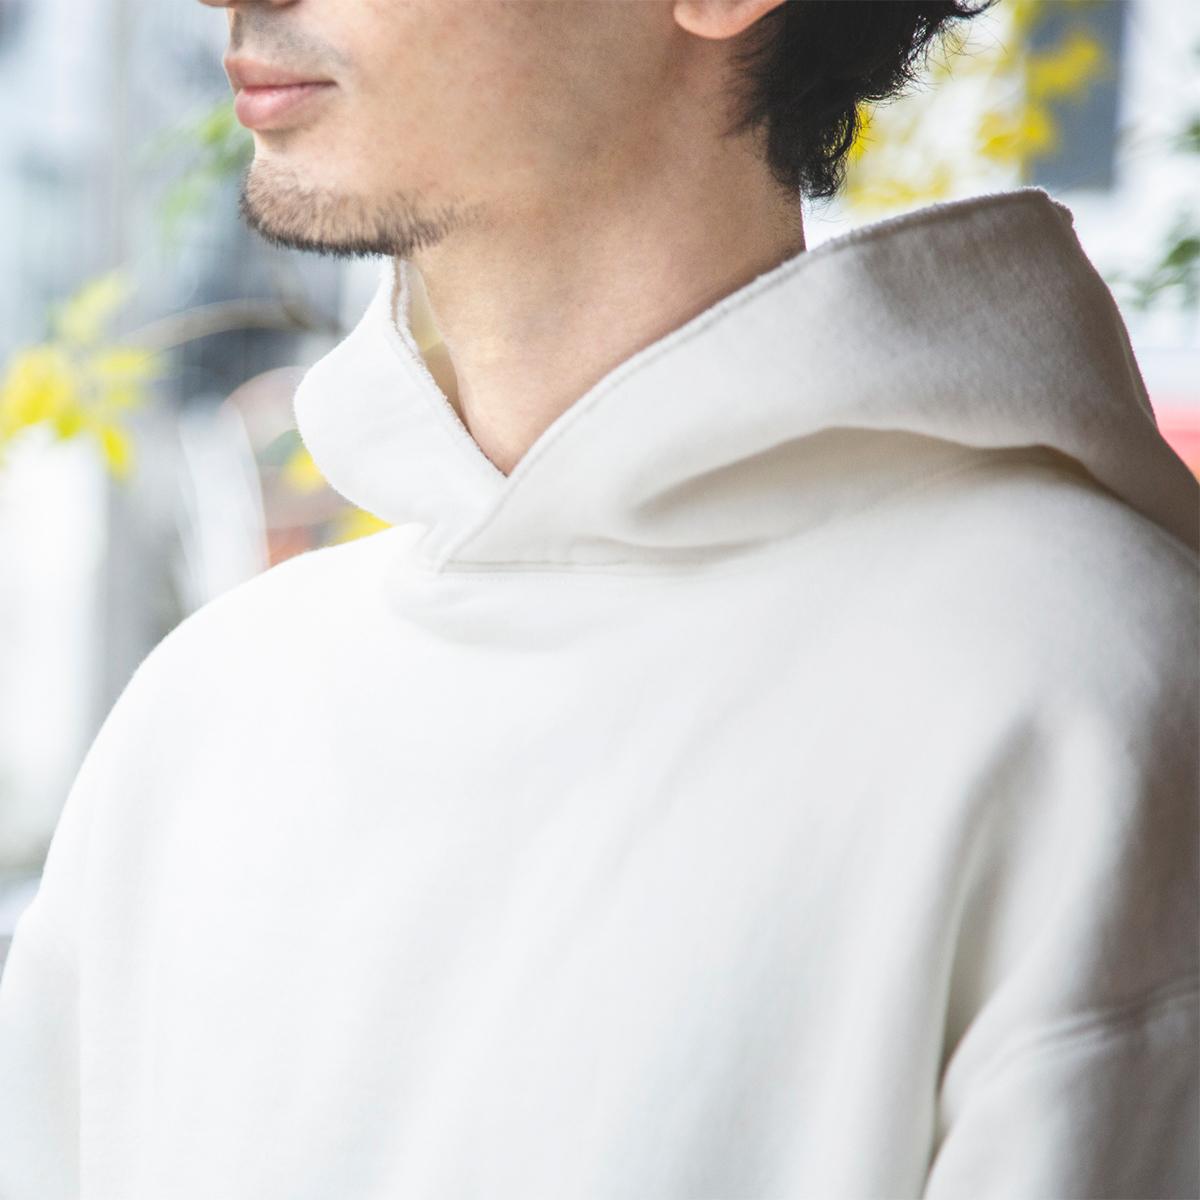 スポルディング社の名作の復刻版。ホワイト・グレーの2色で手持ち服との相性も一層幅広くなった「サイドラインパーカ」|A.G. Spalding & Bros